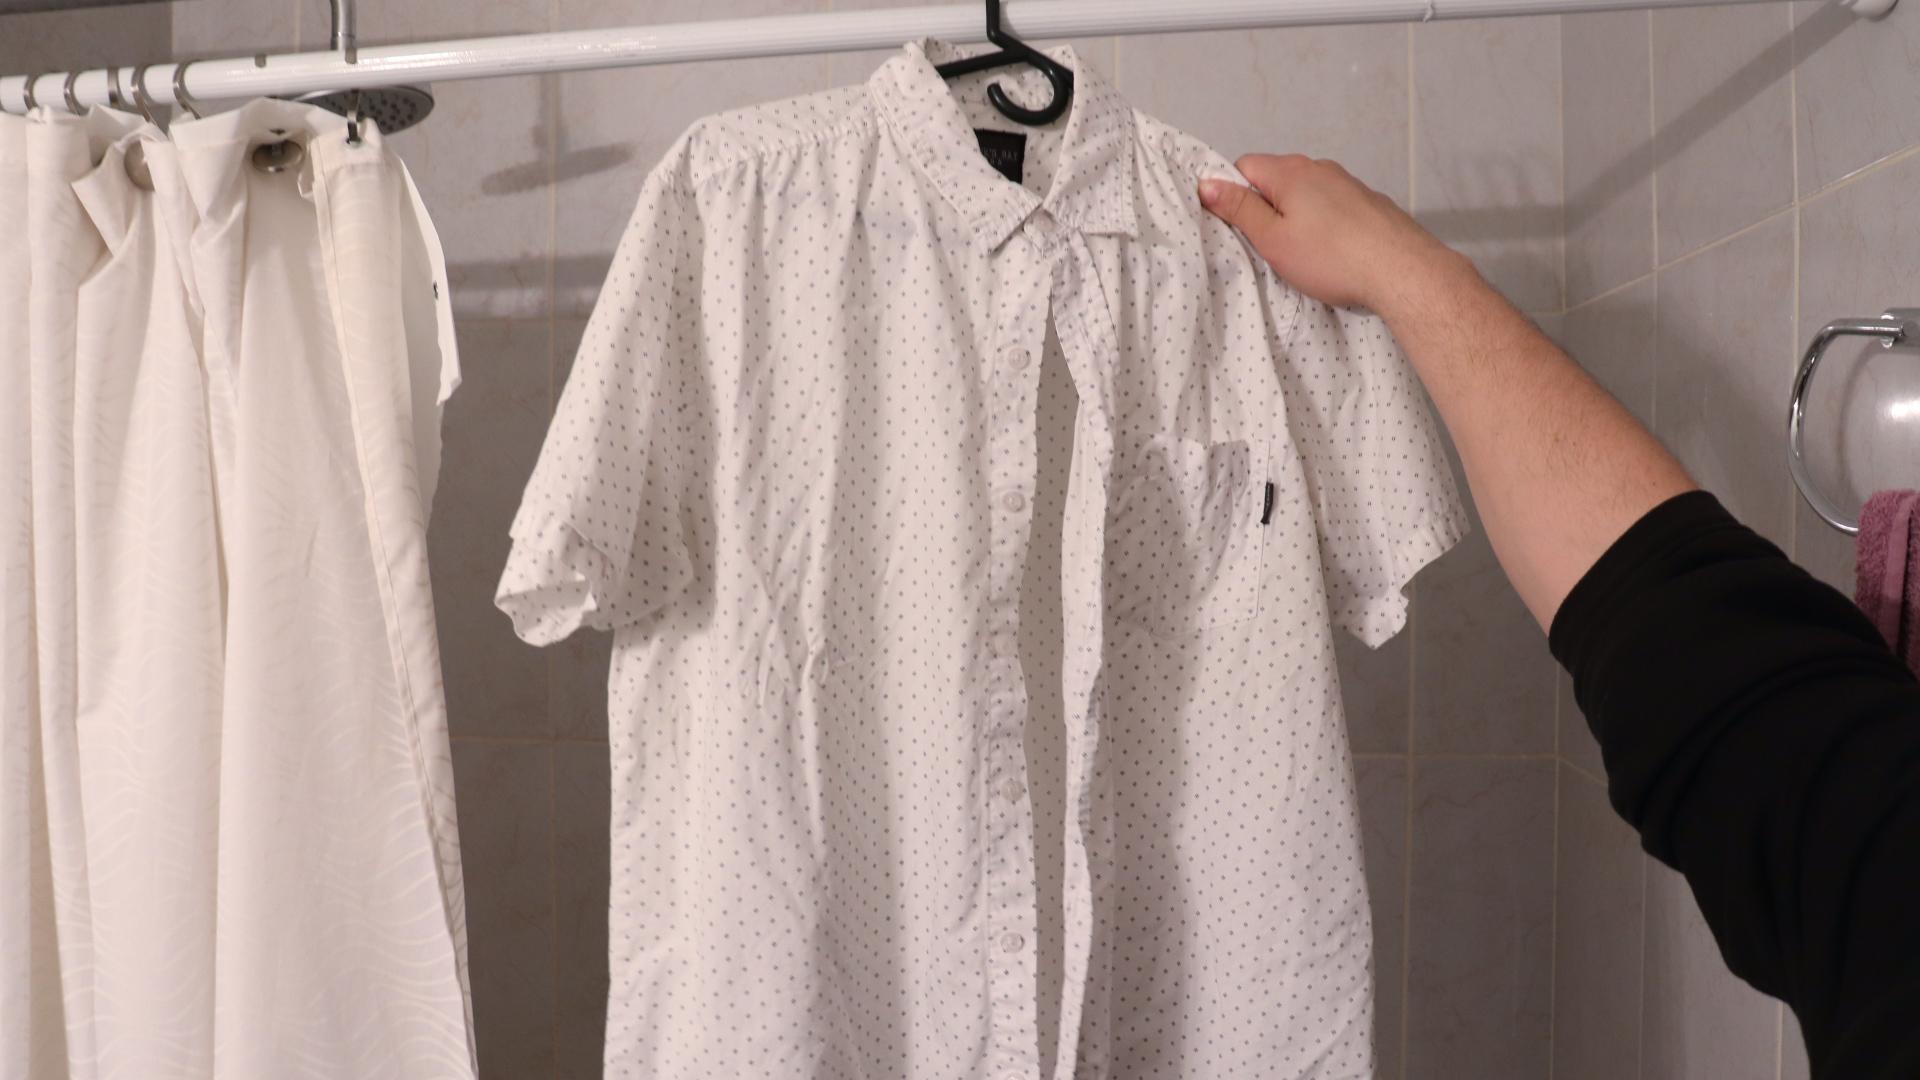 hang dress after iron